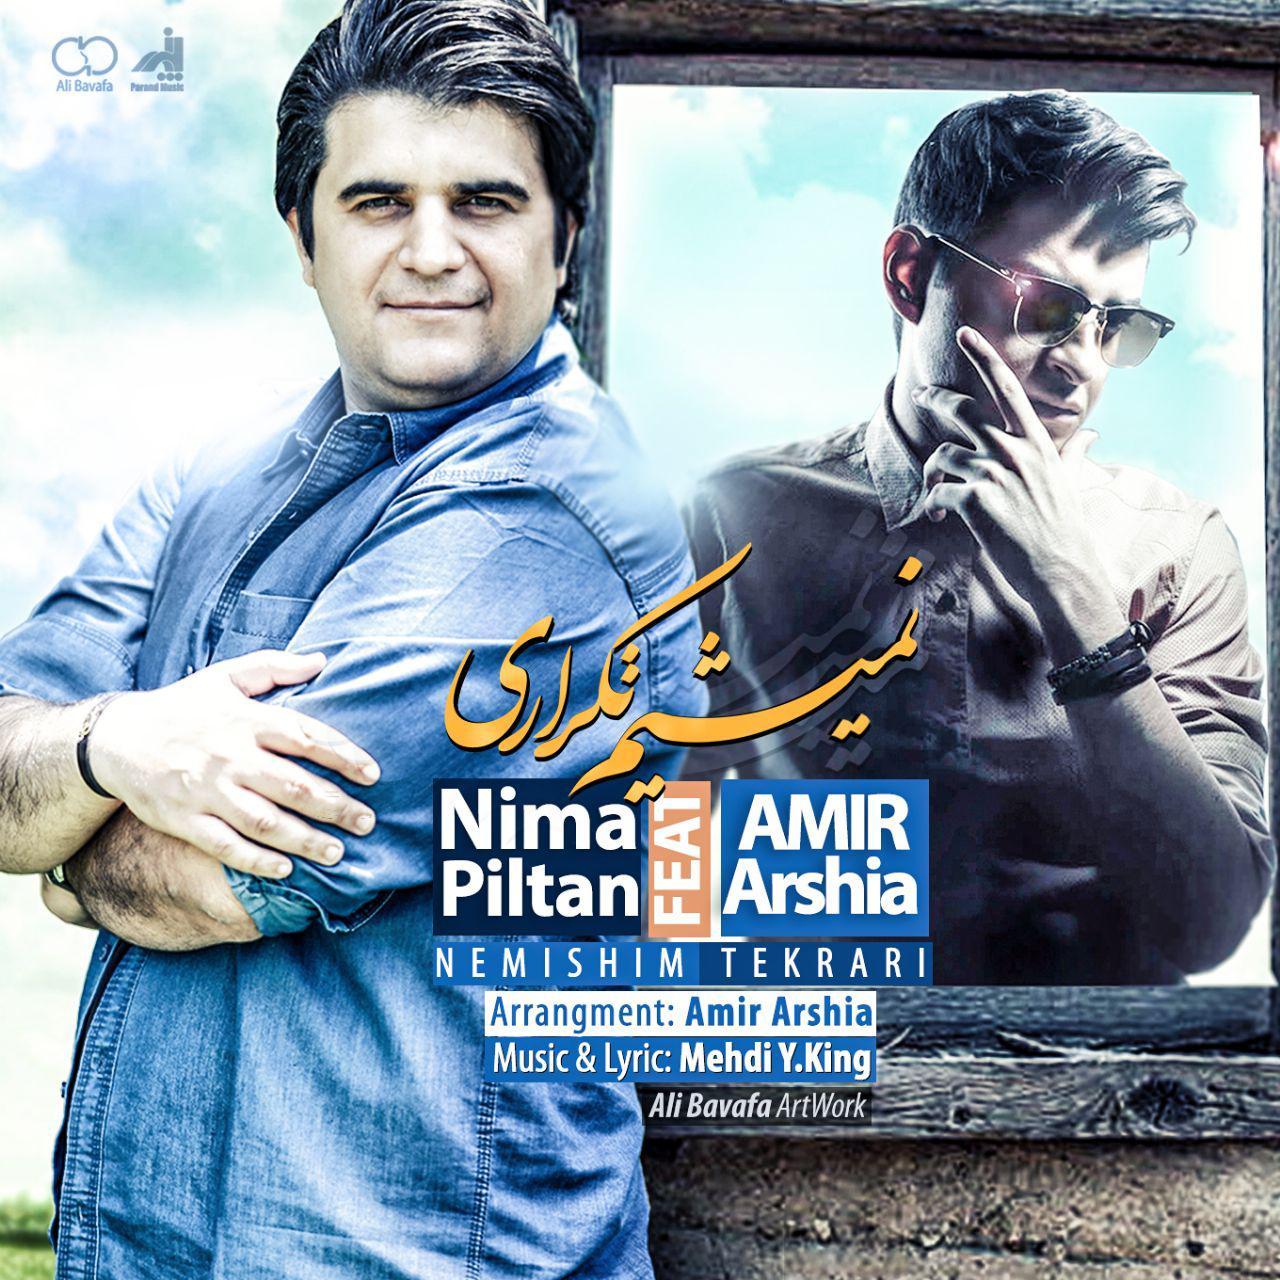 Nima Piltan – Nemishim Tekrari(Ft Amir Arshia)